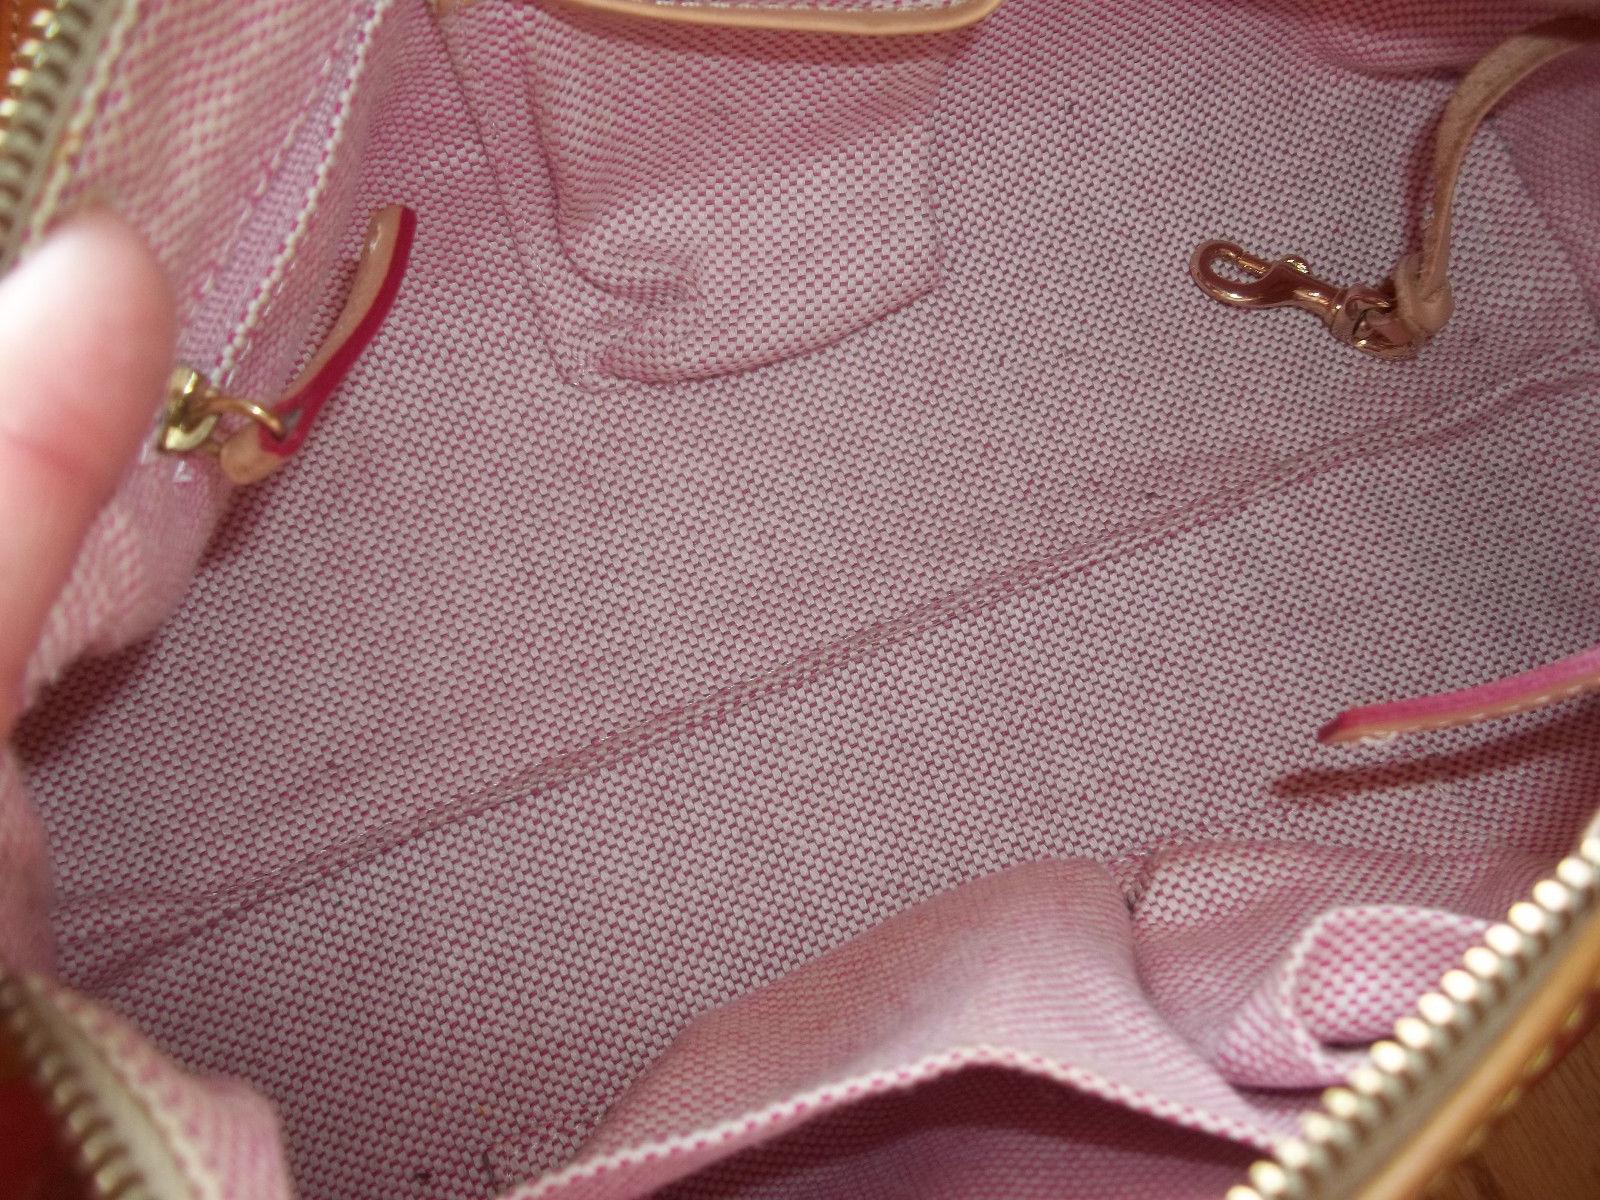 Dooney & Bourke Red Crossword Barrel Bag Handbag image 10